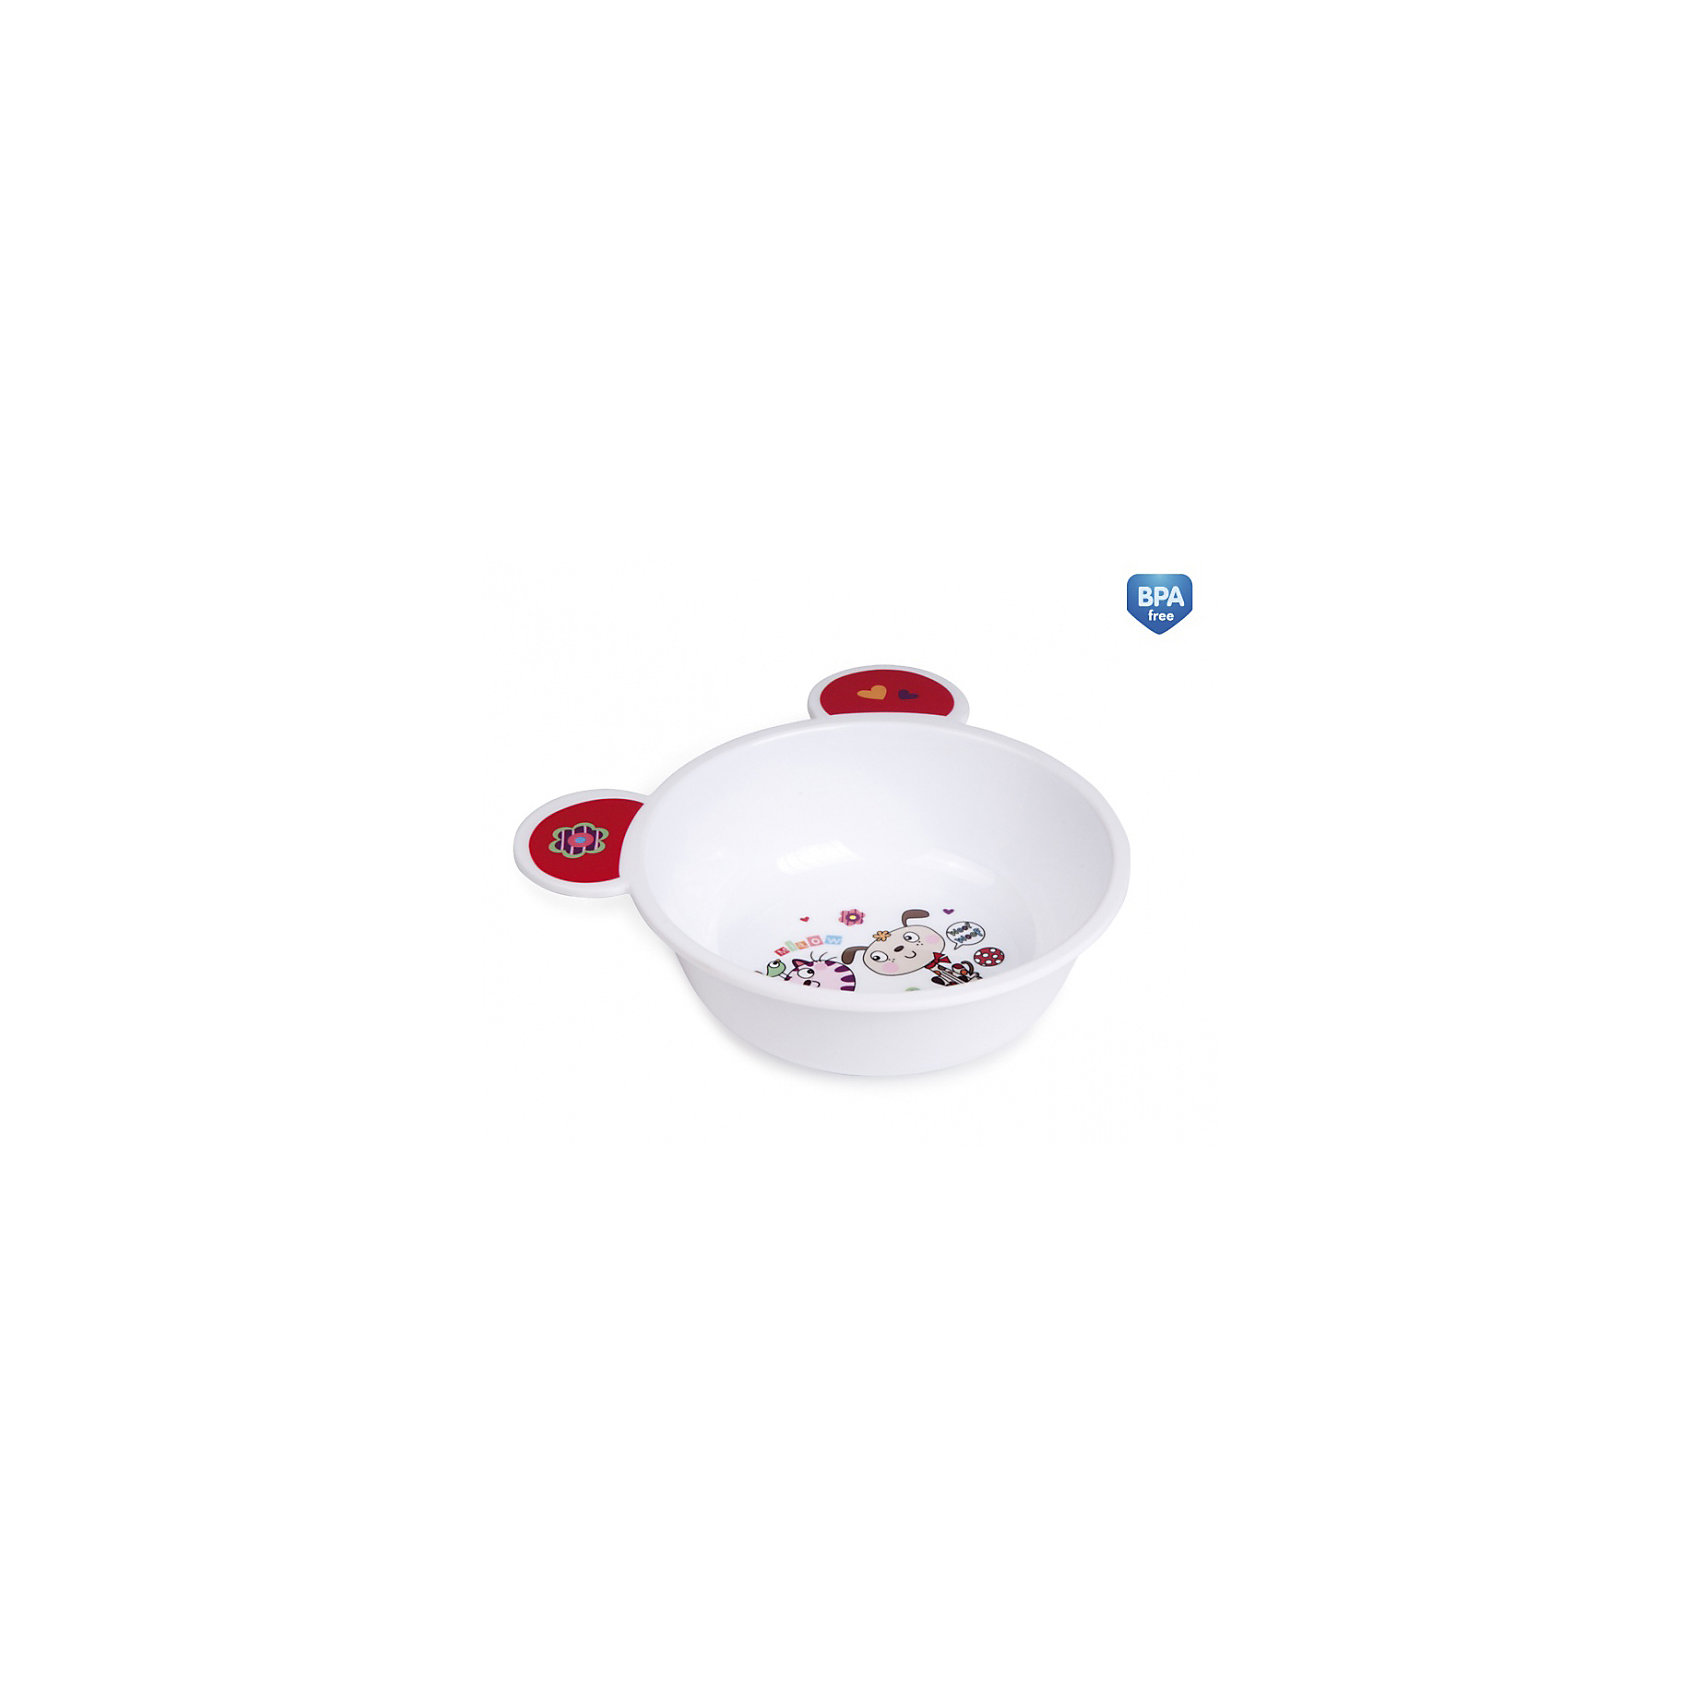 Тарелка с ушами, 270 мл., Canpol Babies, белый/красныйПосуда для малышей<br>Тарелка с ушами Canpol Babies сделает кормление ребенка еще увлекательнее и интереснее! <br>Необычная форма этой красочной тарелки и практичные ушки позволяют удобно держать тарелку во время кормления, приготовления пищи и переноски. Легкая и прочная предназначена для подачи как холодных, так и горячих блюд. <br>Красочные картинки в нескольких привлекательных исполнениях, безусловно, сделают любое кормление более приятным. <br>Тарелочку можно мыть в посудомоечной машине или использовать в микроволновой печи.<br>Дополнительная информация:<br>- Объем: 270 мл. <br>- Антискользящее дно.<br>- Материал: безопасная пластмасса.<br><br>Тарелка с ушами Canpol Babies можно купить в нашем интернет-магазине.<br><br>Ширина мм: 180<br>Глубина мм: 150<br>Высота мм: 55<br>Вес г: 62<br>Возраст от месяцев: 6<br>Возраст до месяцев: 36<br>Пол: Унисекс<br>Возраст: Детский<br>SKU: 3947850